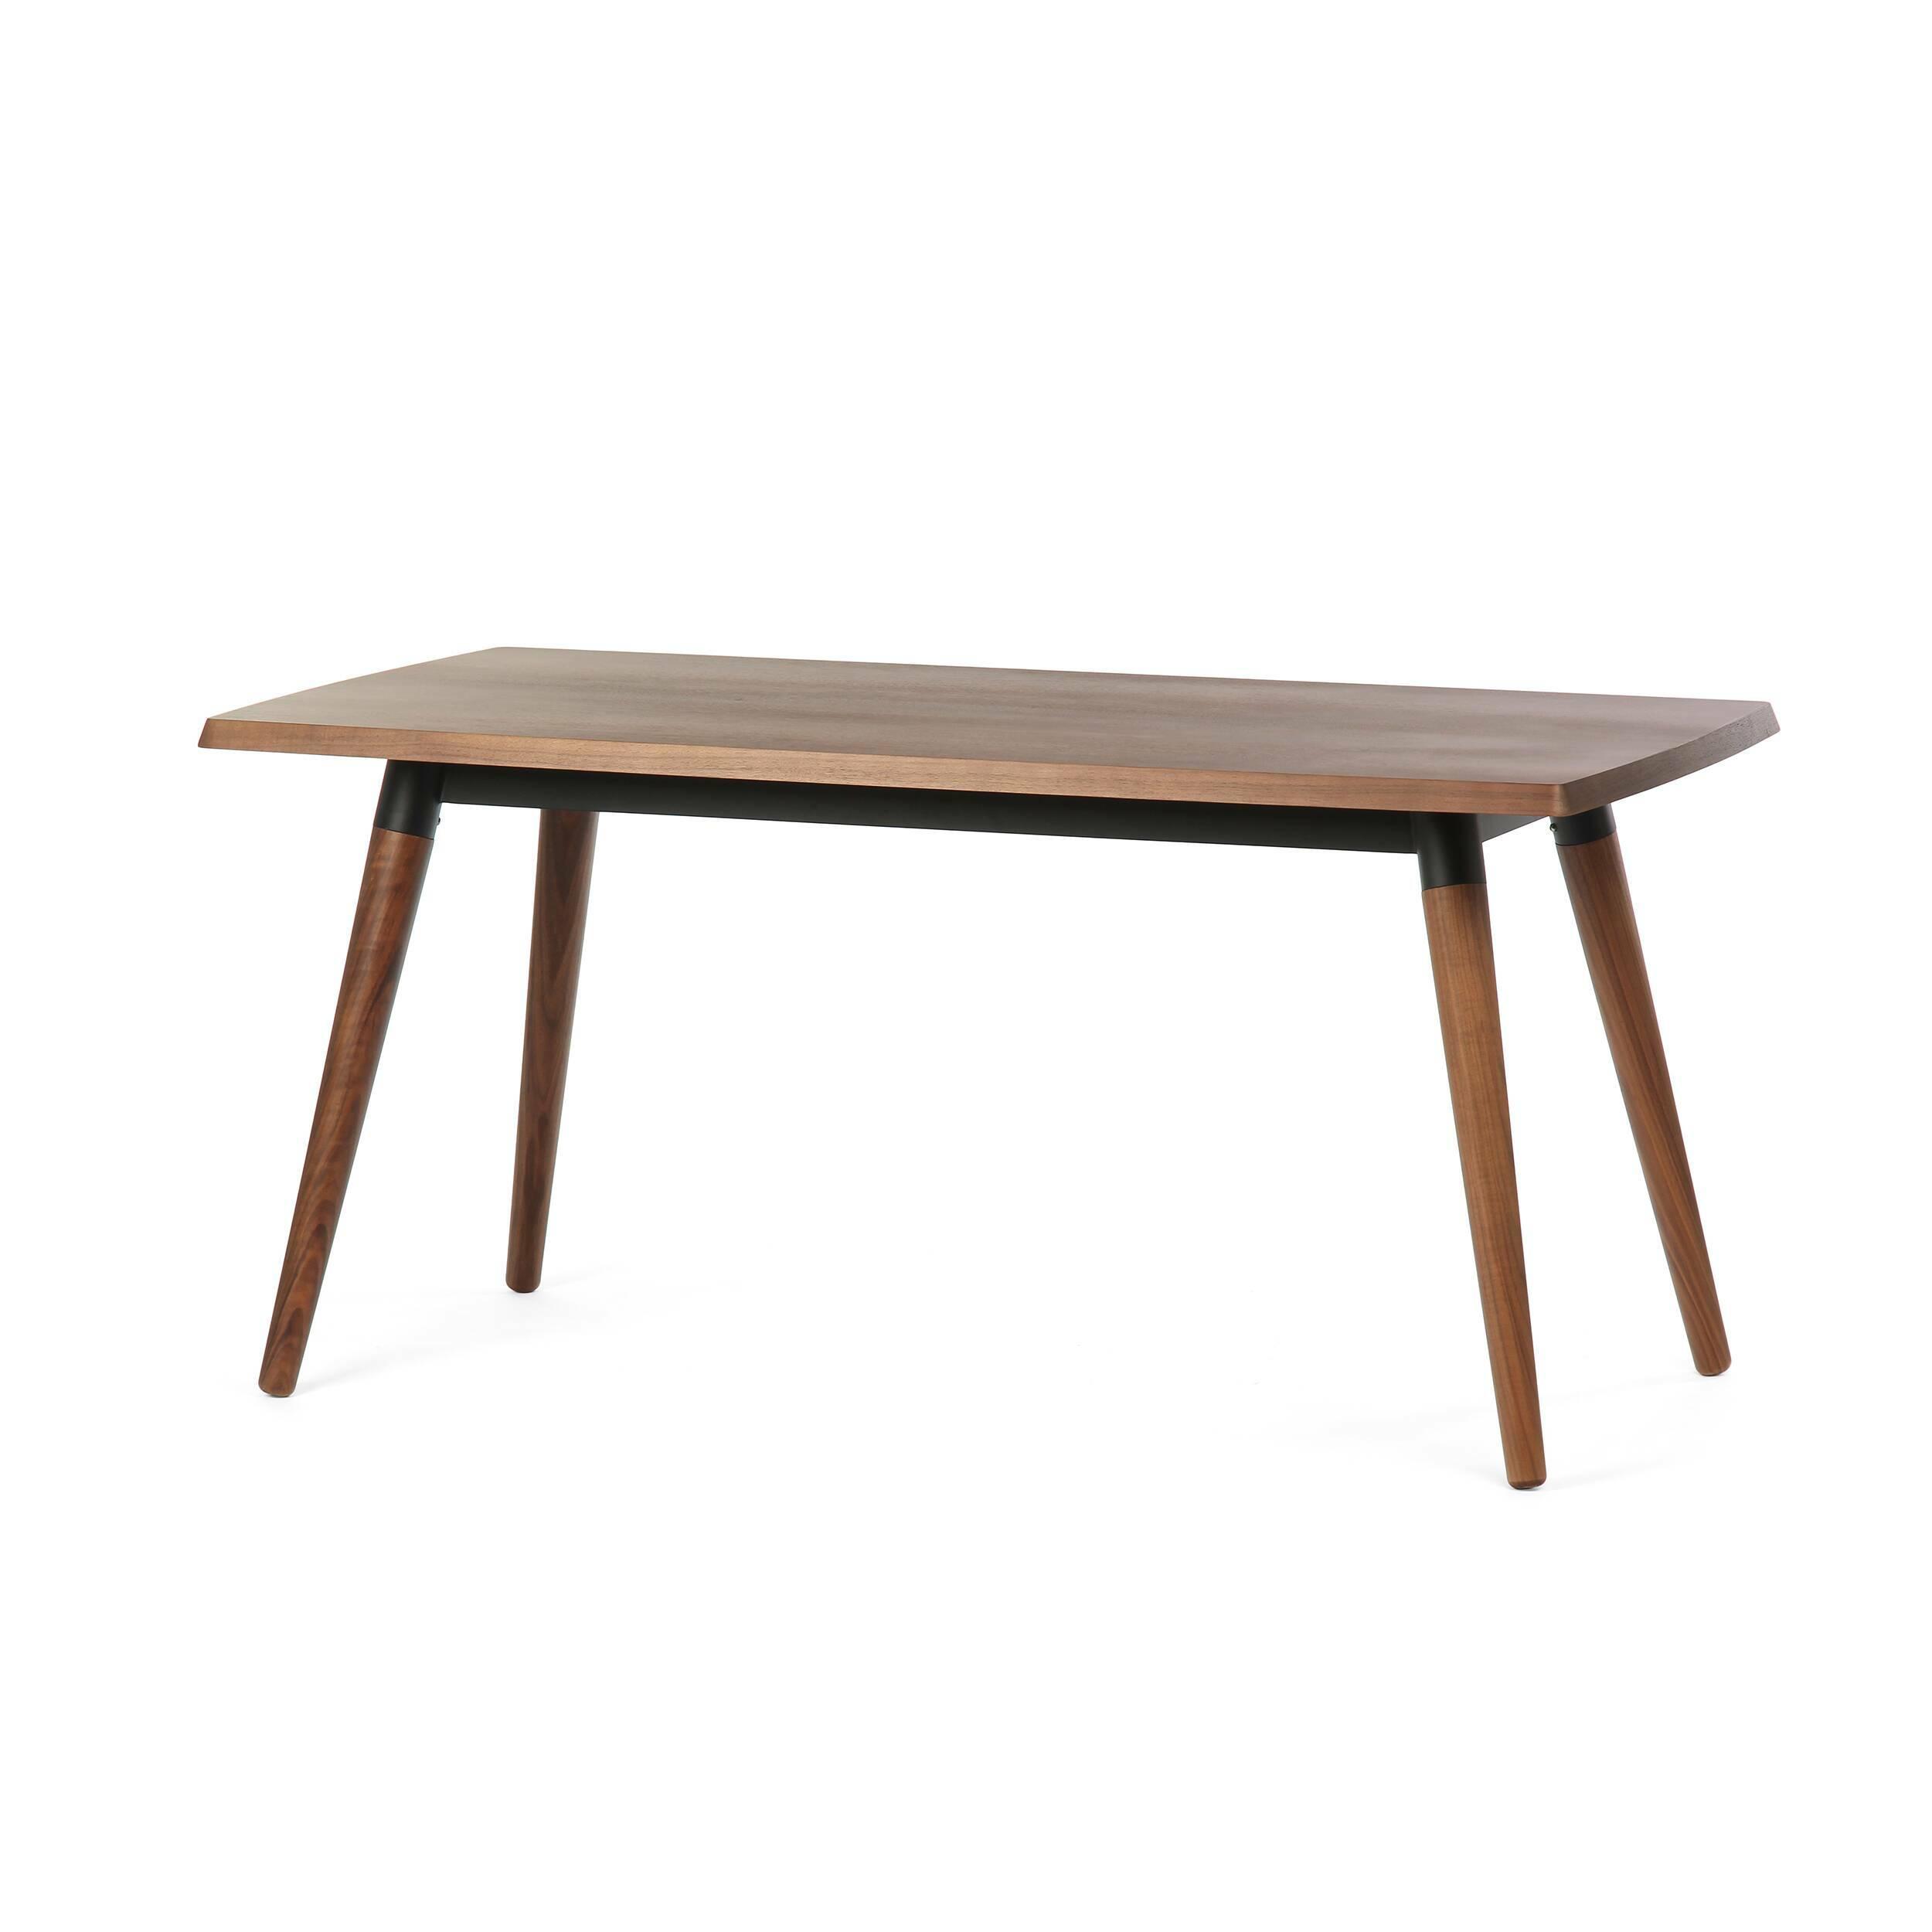 Обеденный стол Copine прямоугольный 160х85Обеденные<br>Обеденный стол Copine прямоугольный 160х85 выполнен в благородном темно-коричневом цвете. Лаконичный и функциональный дизайн был придуман популярным американским дизайнером Шоном Диксом. Шон Дикс много путешествовал и учился, и этот опыт всегда находит применение в его творчестве. Обеденный стол Copine выглядит очень стильно и отлично подойдет для классического элегантного интерьера.<br><br><br> Изделие сделано из качественных материалов. Столешница и ножки изготовлены из материала МДФ, который...<br><br>stock: 3<br>Высота: 75<br>Ширина: 85<br>Длина: 160<br>Цвет ножек: Орех американский<br>Цвет столешницы: Орех американский<br>Материал ножек: Массив ореха<br>Материал столешницы: МДФ, шпон ореха<br>Тип материала каркаса: Сталь<br>Тип материала столешницы: МДФ<br>Тип материала ножек: Дерево<br>Цвет каркаса: Черный